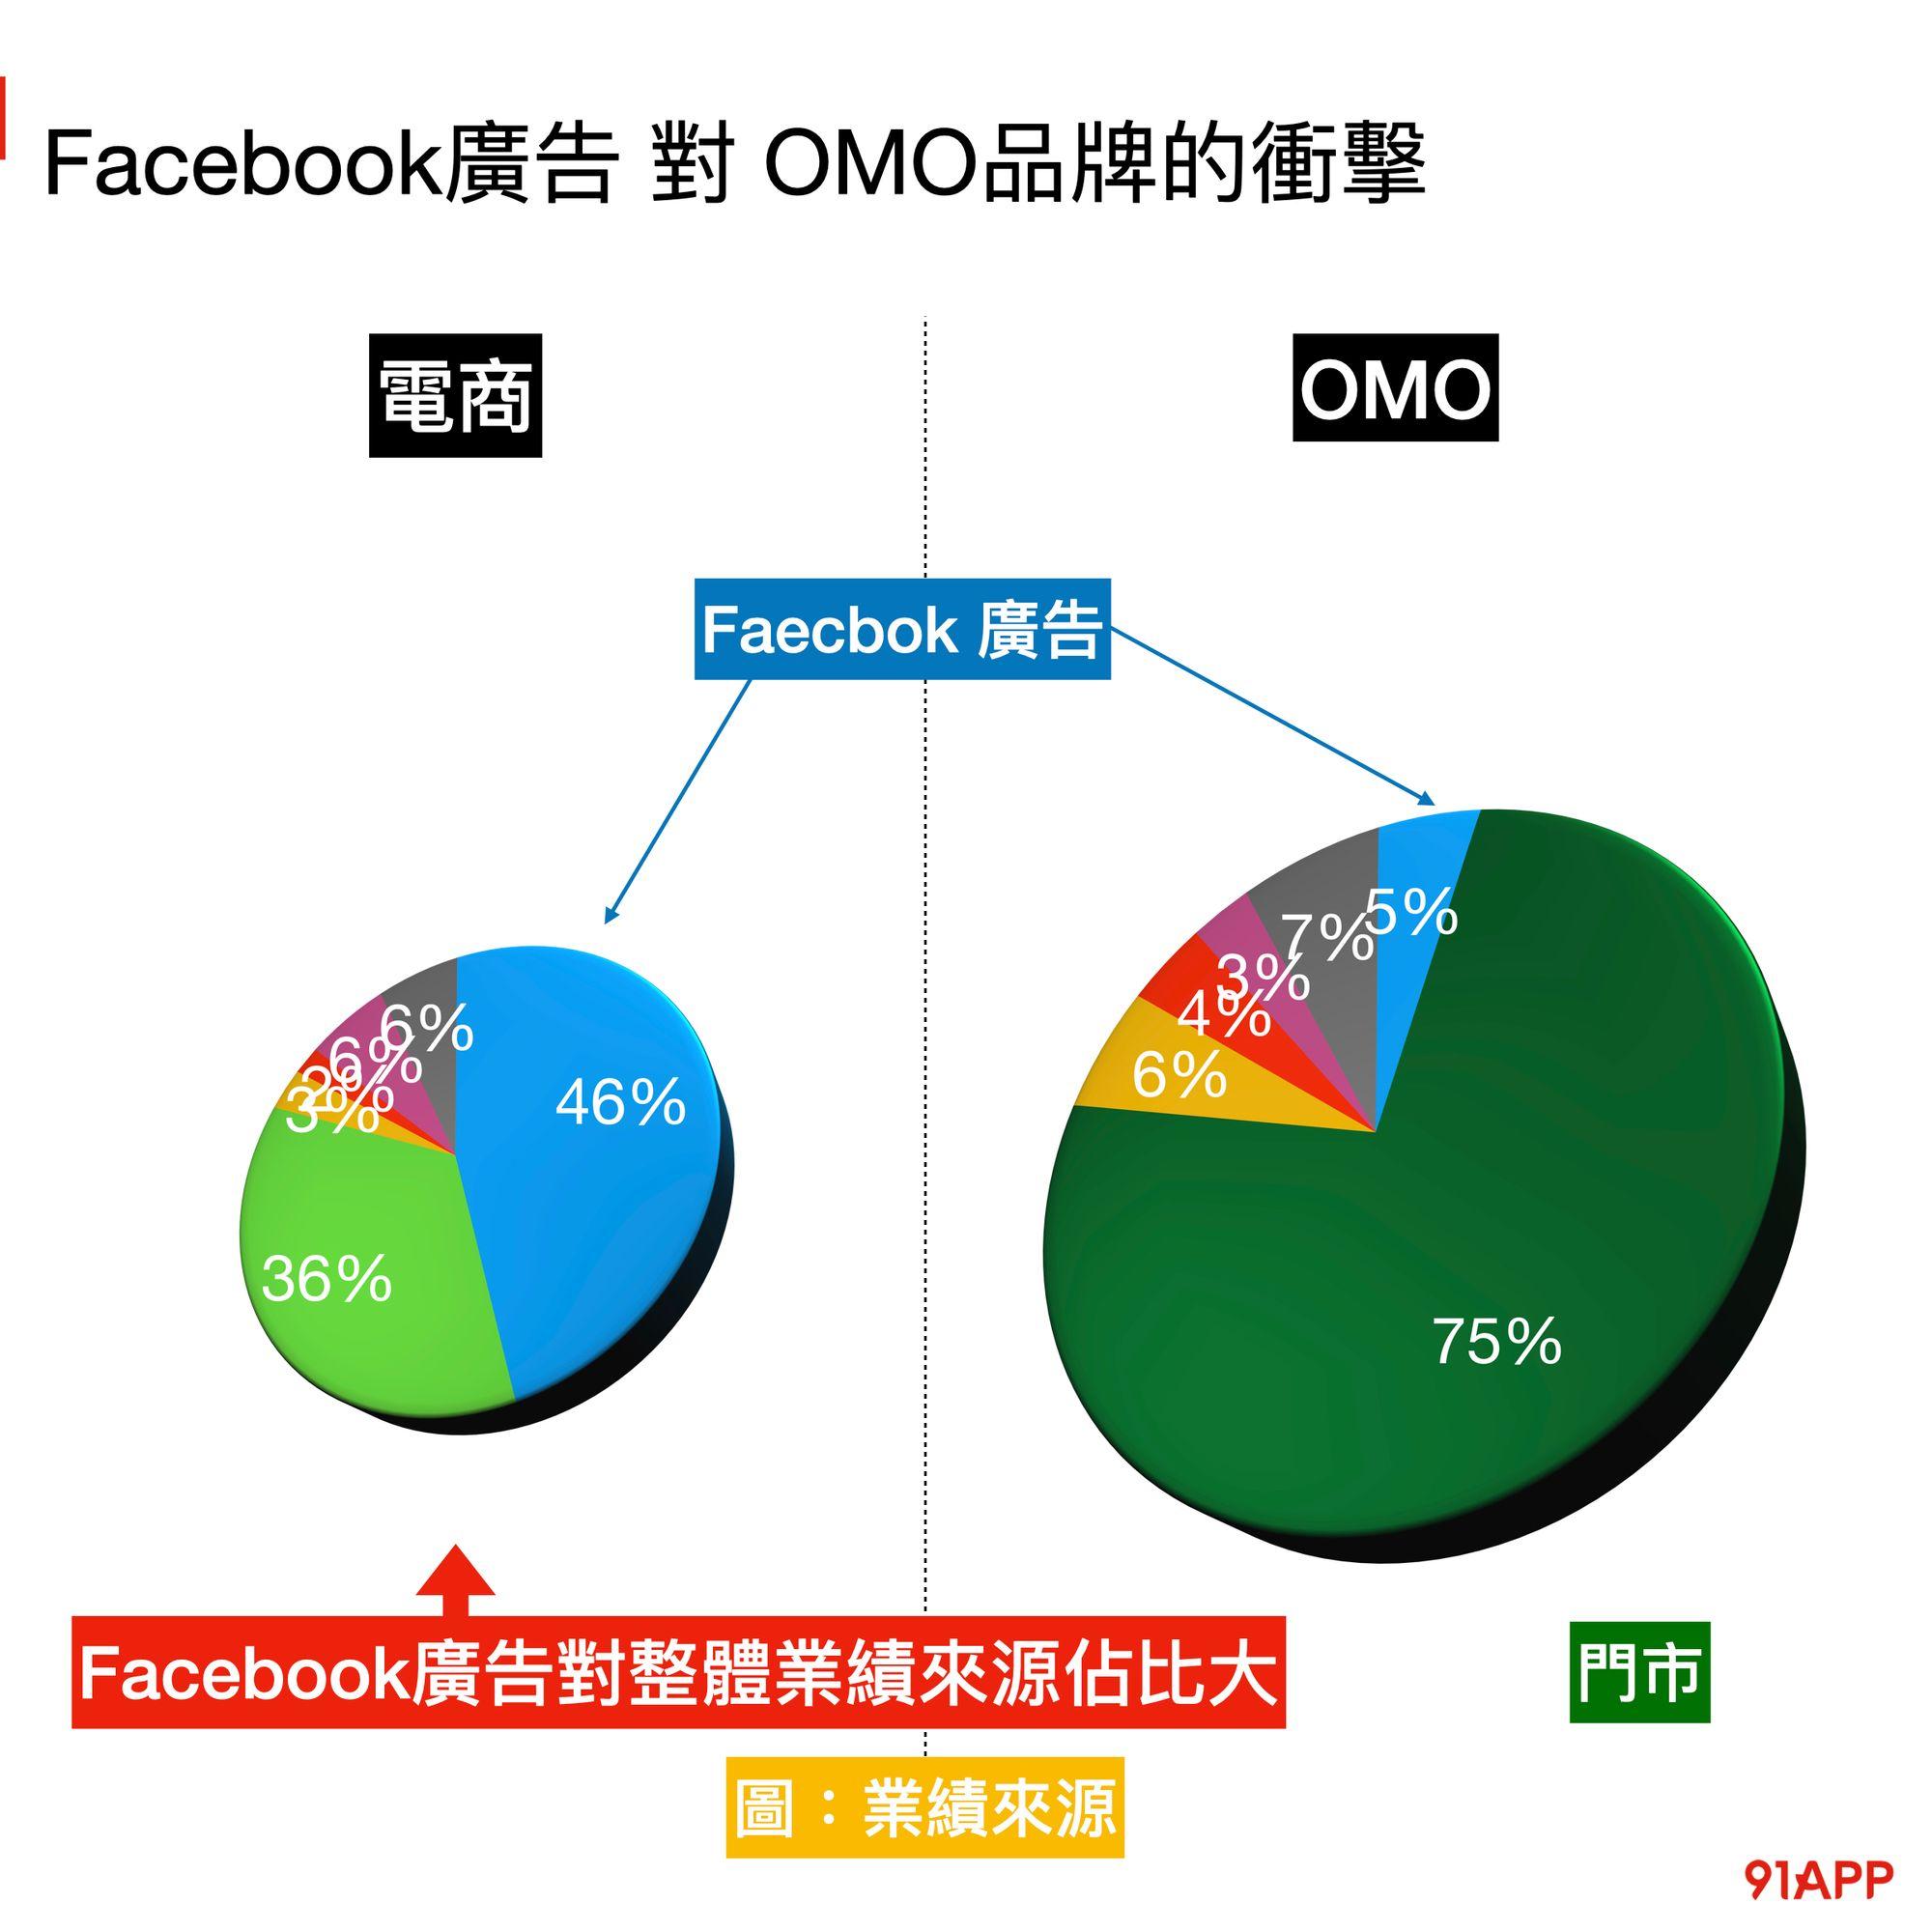 比較OMO品牌與電商品牌 Facebook廣告對整體業績來源的佔比